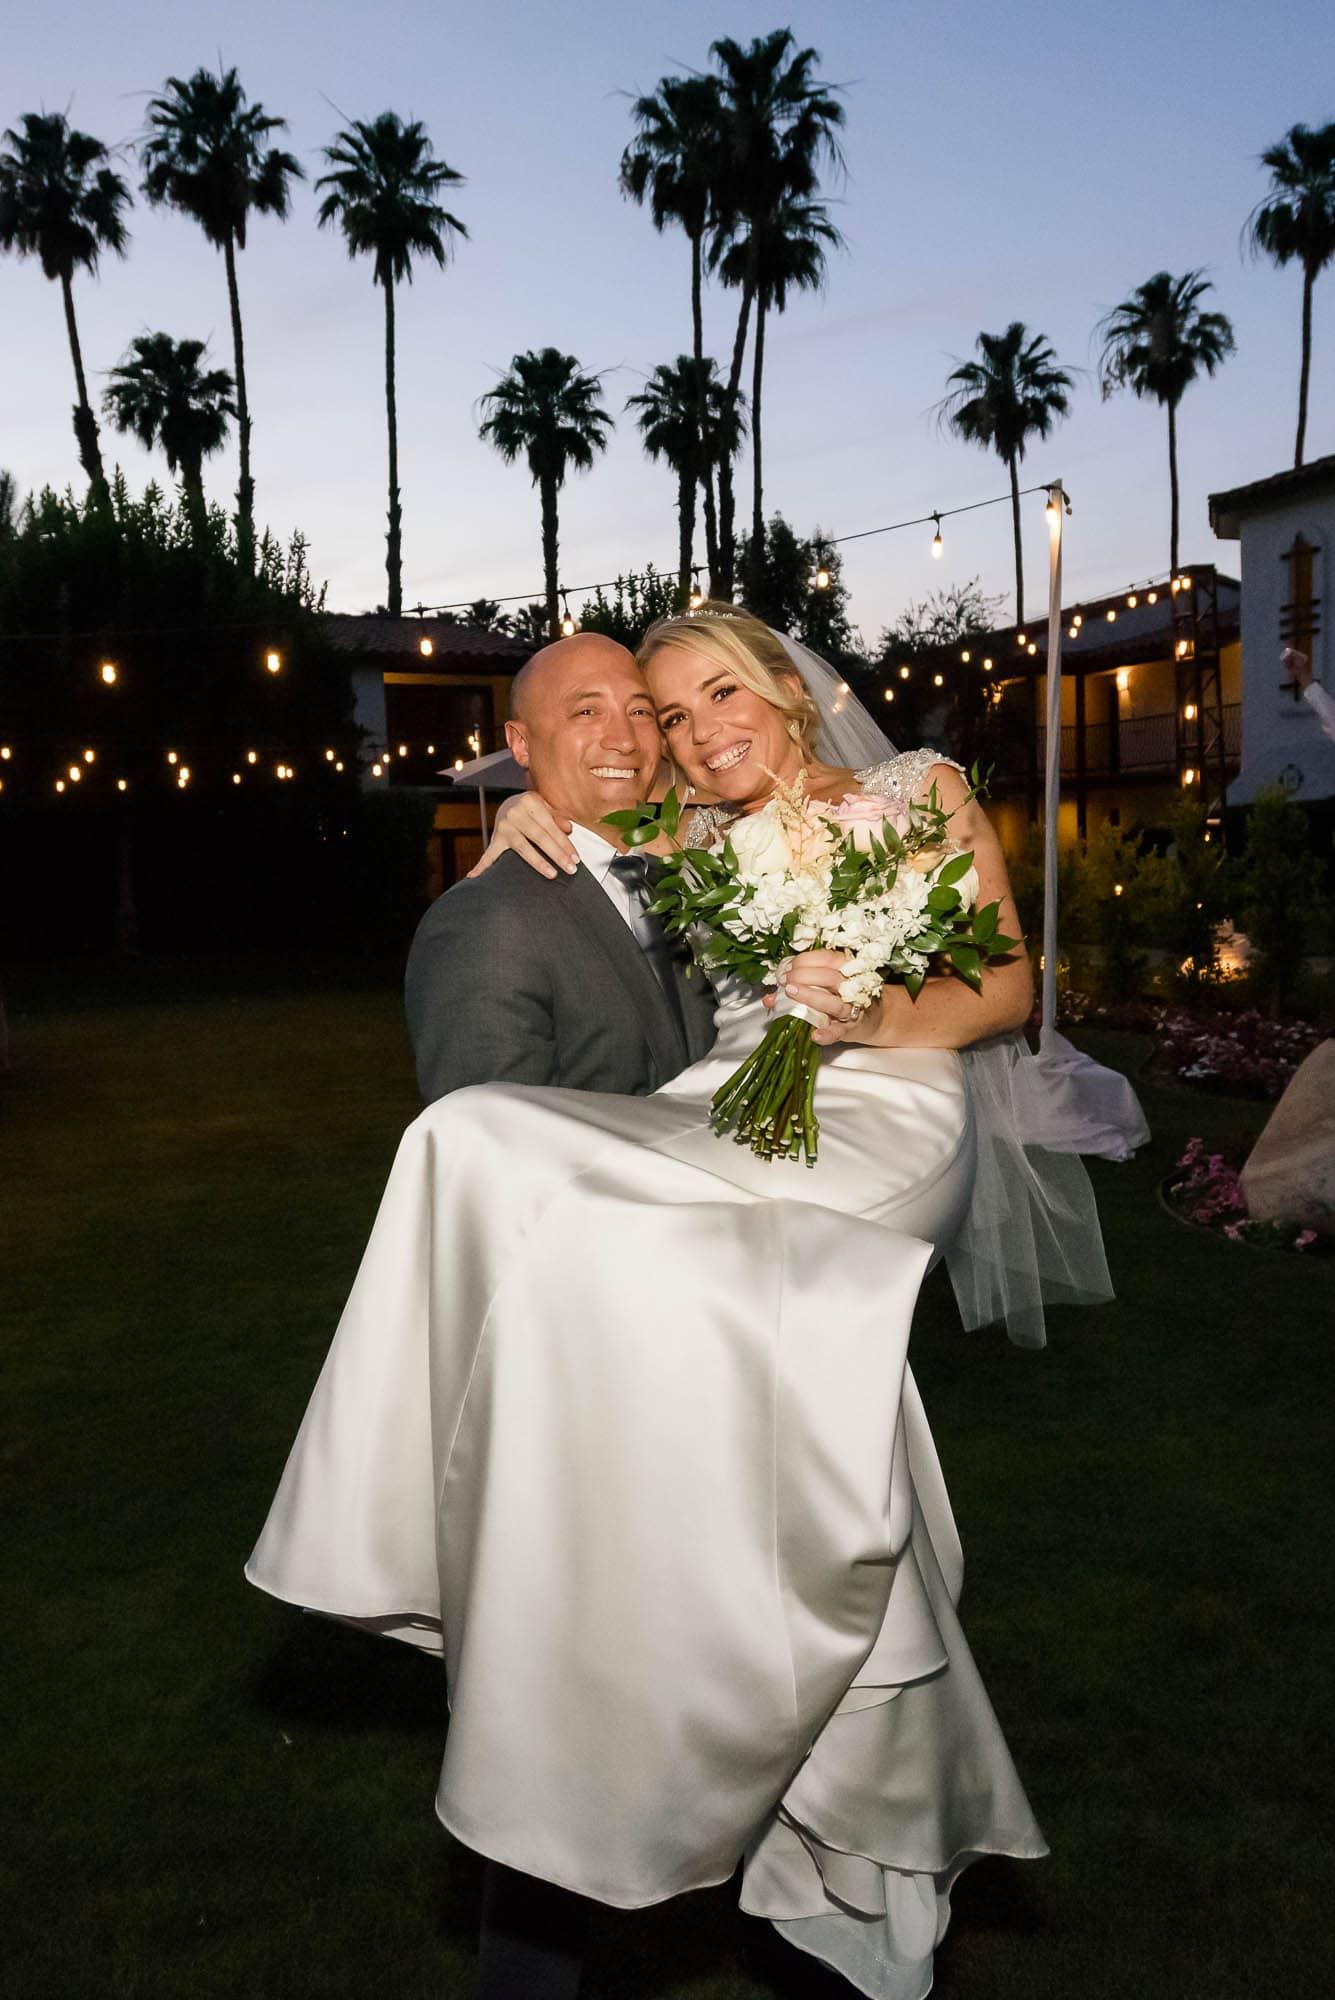 048_Alan_and_Heidi_Wedding_Amanda_Chad